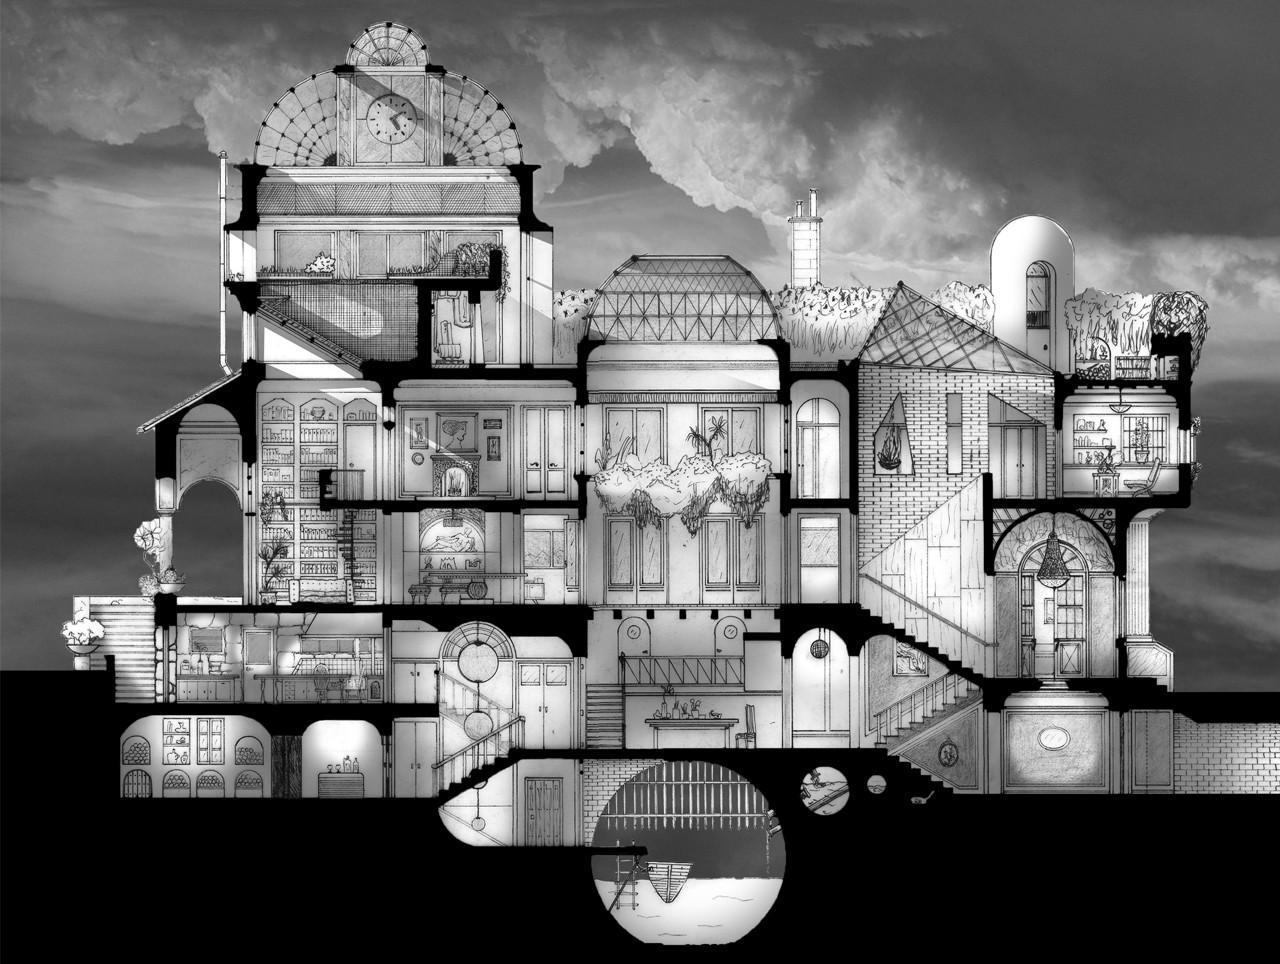 Arte y Arquitectura: dibujos arquitectónicos que evidencian el espacio del Eje Z, Casa Cúpulas. Image Cortesia de Santiago Nicolás Lovecchio